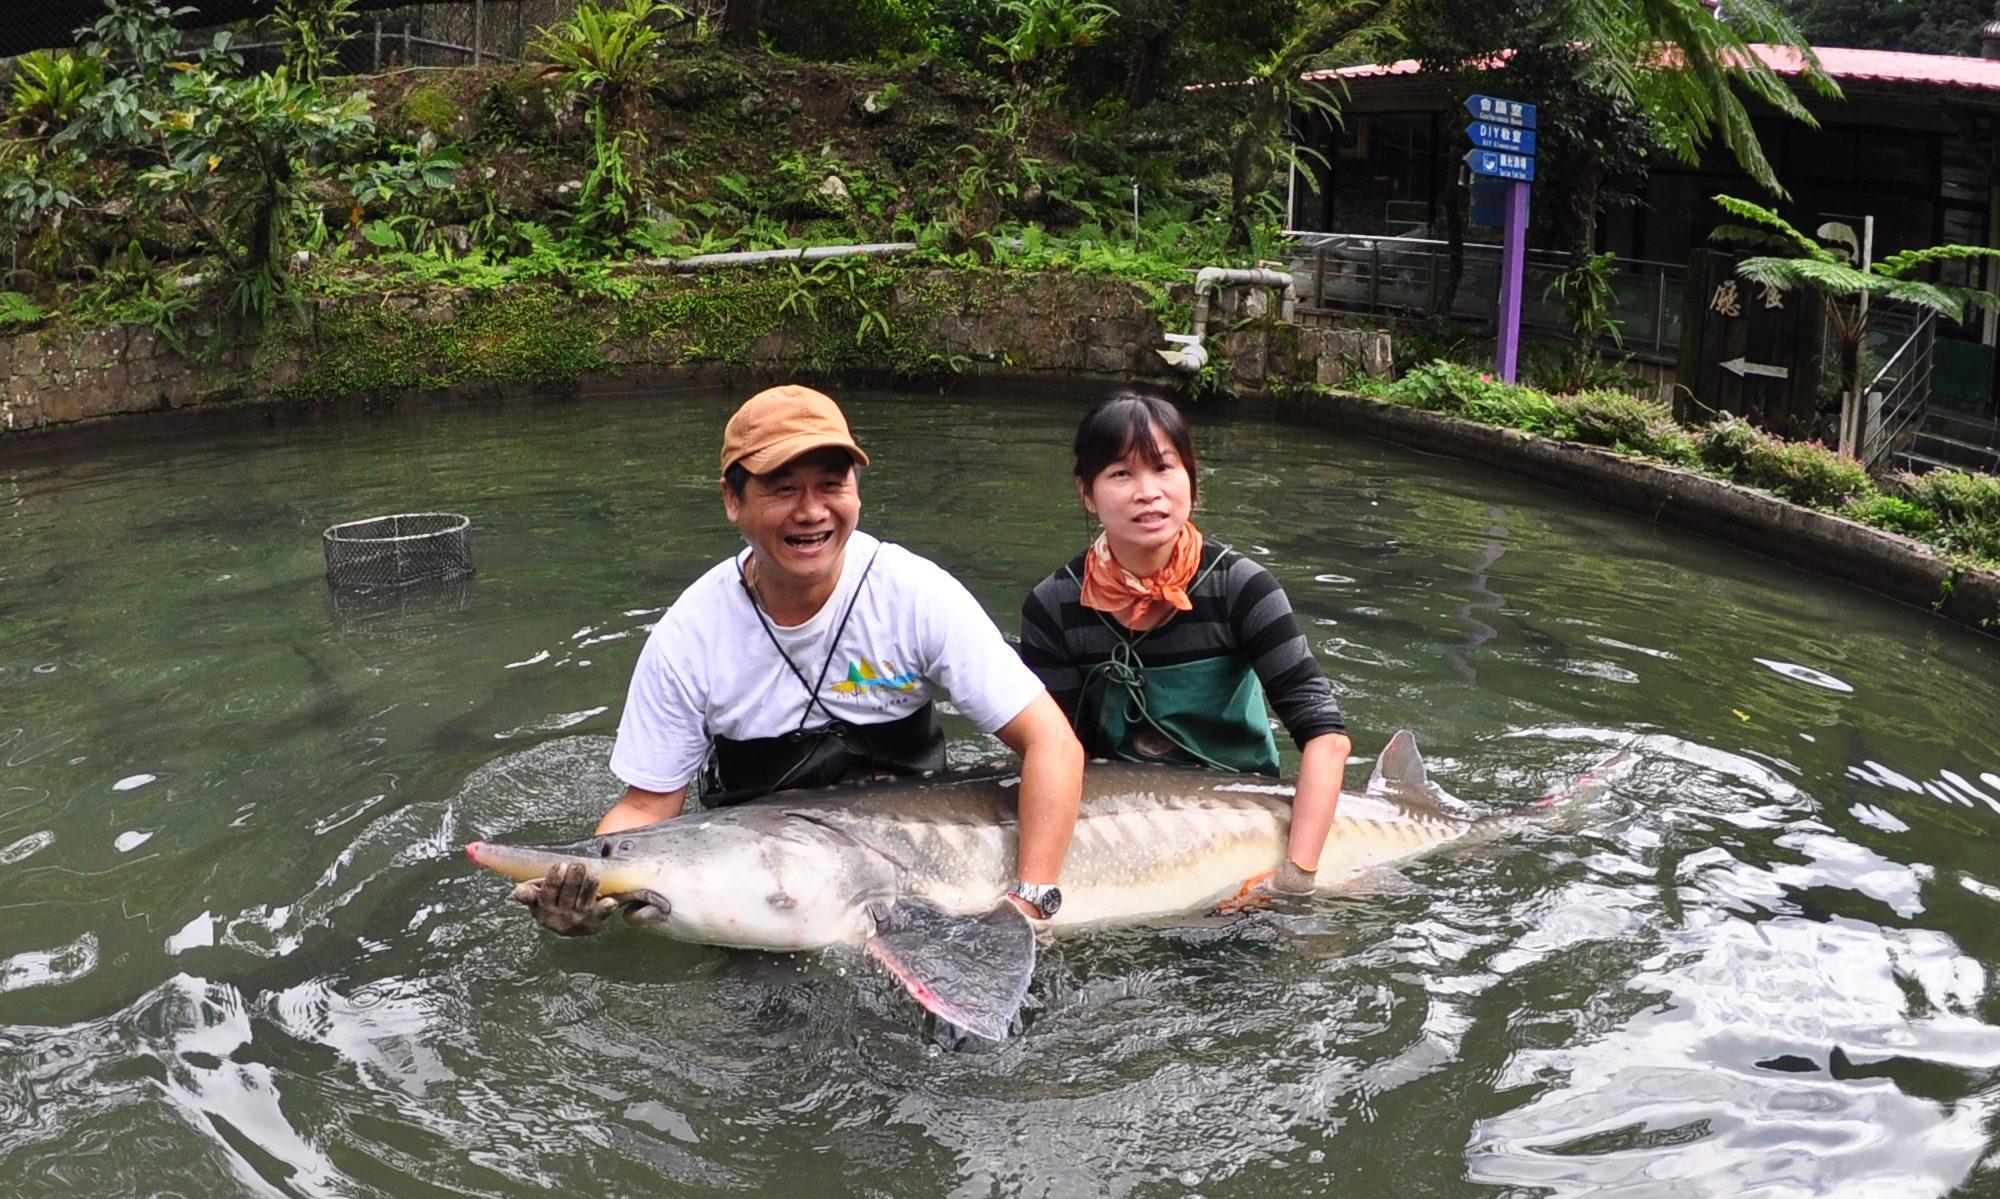 千戶傳奇生態農場 - 鱘找原始活化魚山中傳奇傳千戶